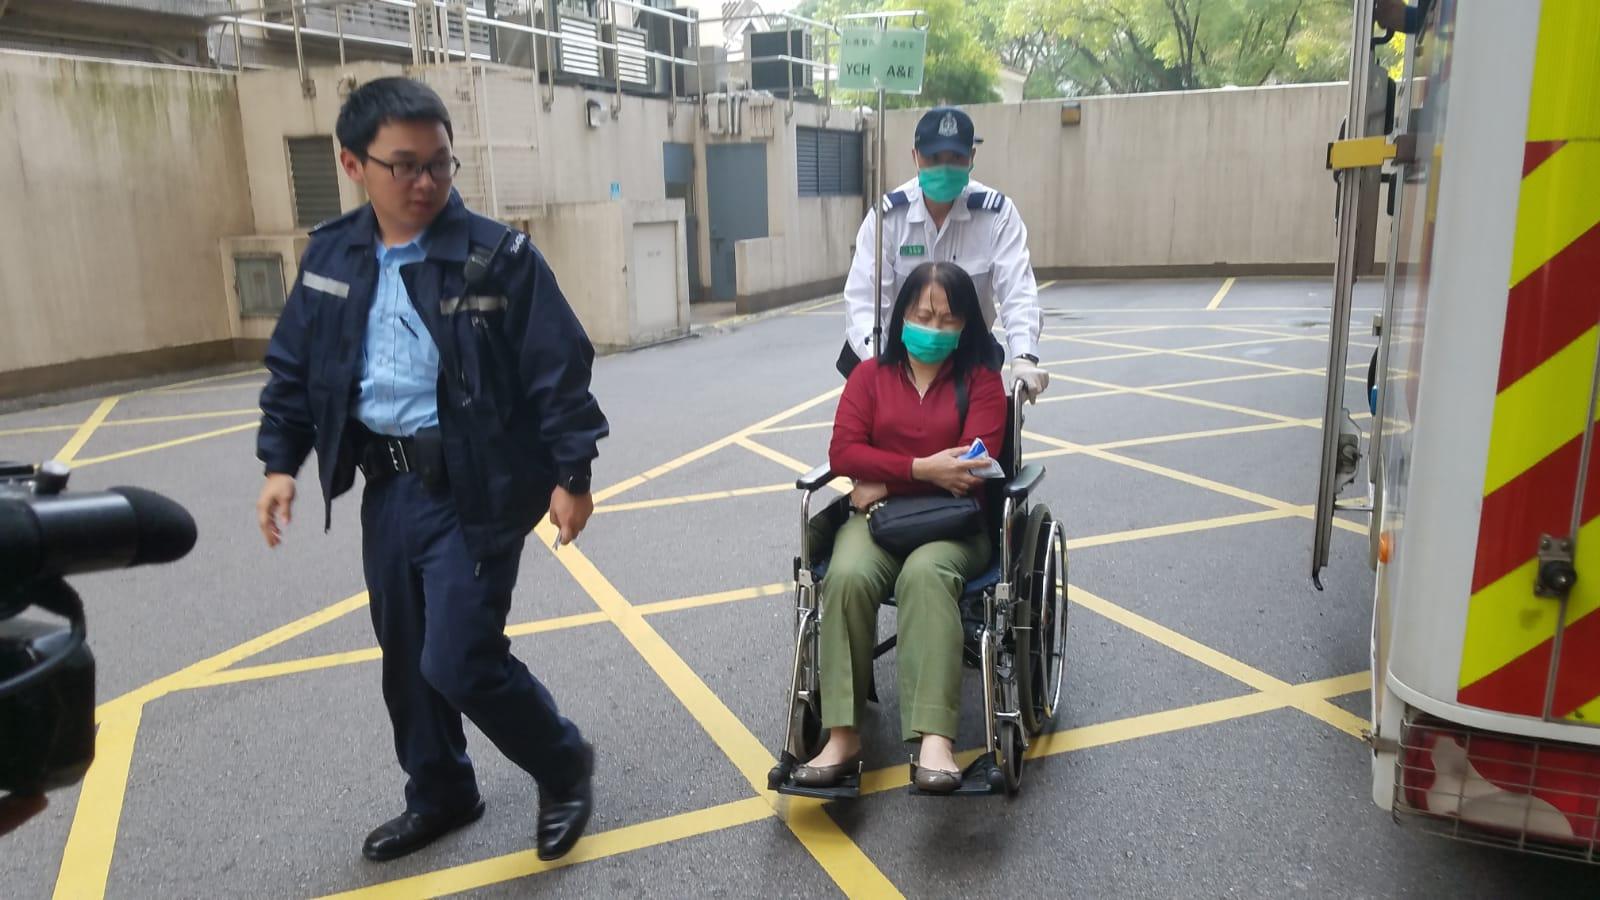 老闆娘走避不及手部中刀受輕傷,送院治理。